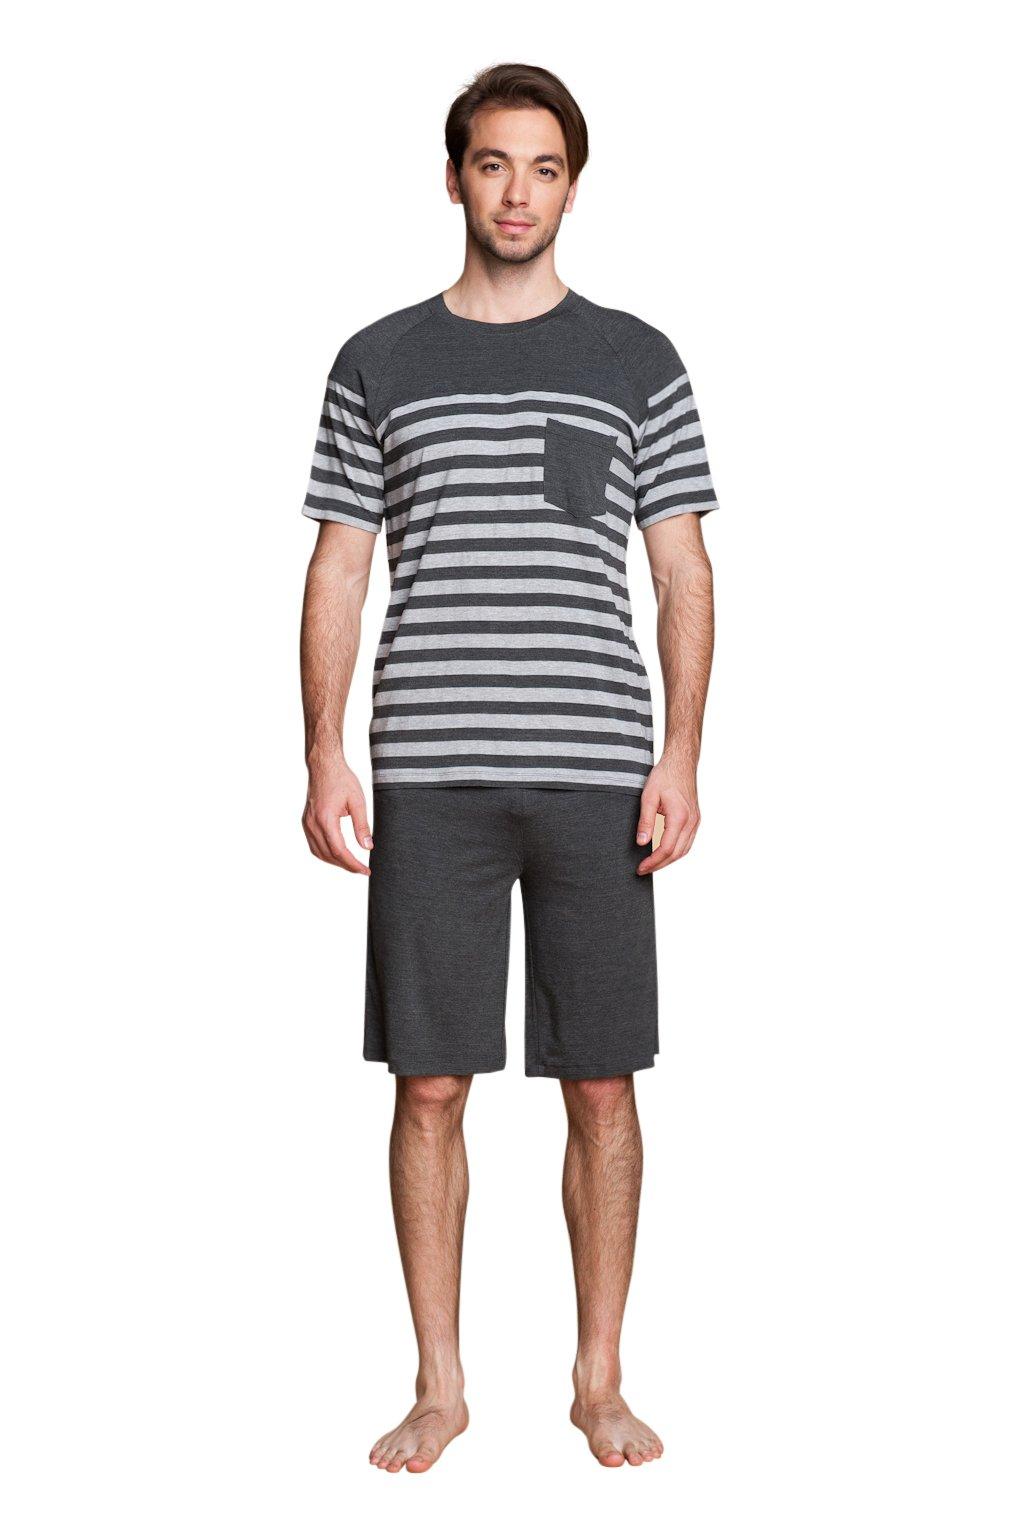 Suntasty Herren Zweiteiliger Schlafanzug Anzug Kurz Schlafanzüge softweich Baumwolle Pyjama Shorty T-Shirt uni Hose 2-tlg Set Kurzarm Shirt & Shorts S M L XL (Grey,S,1005M)